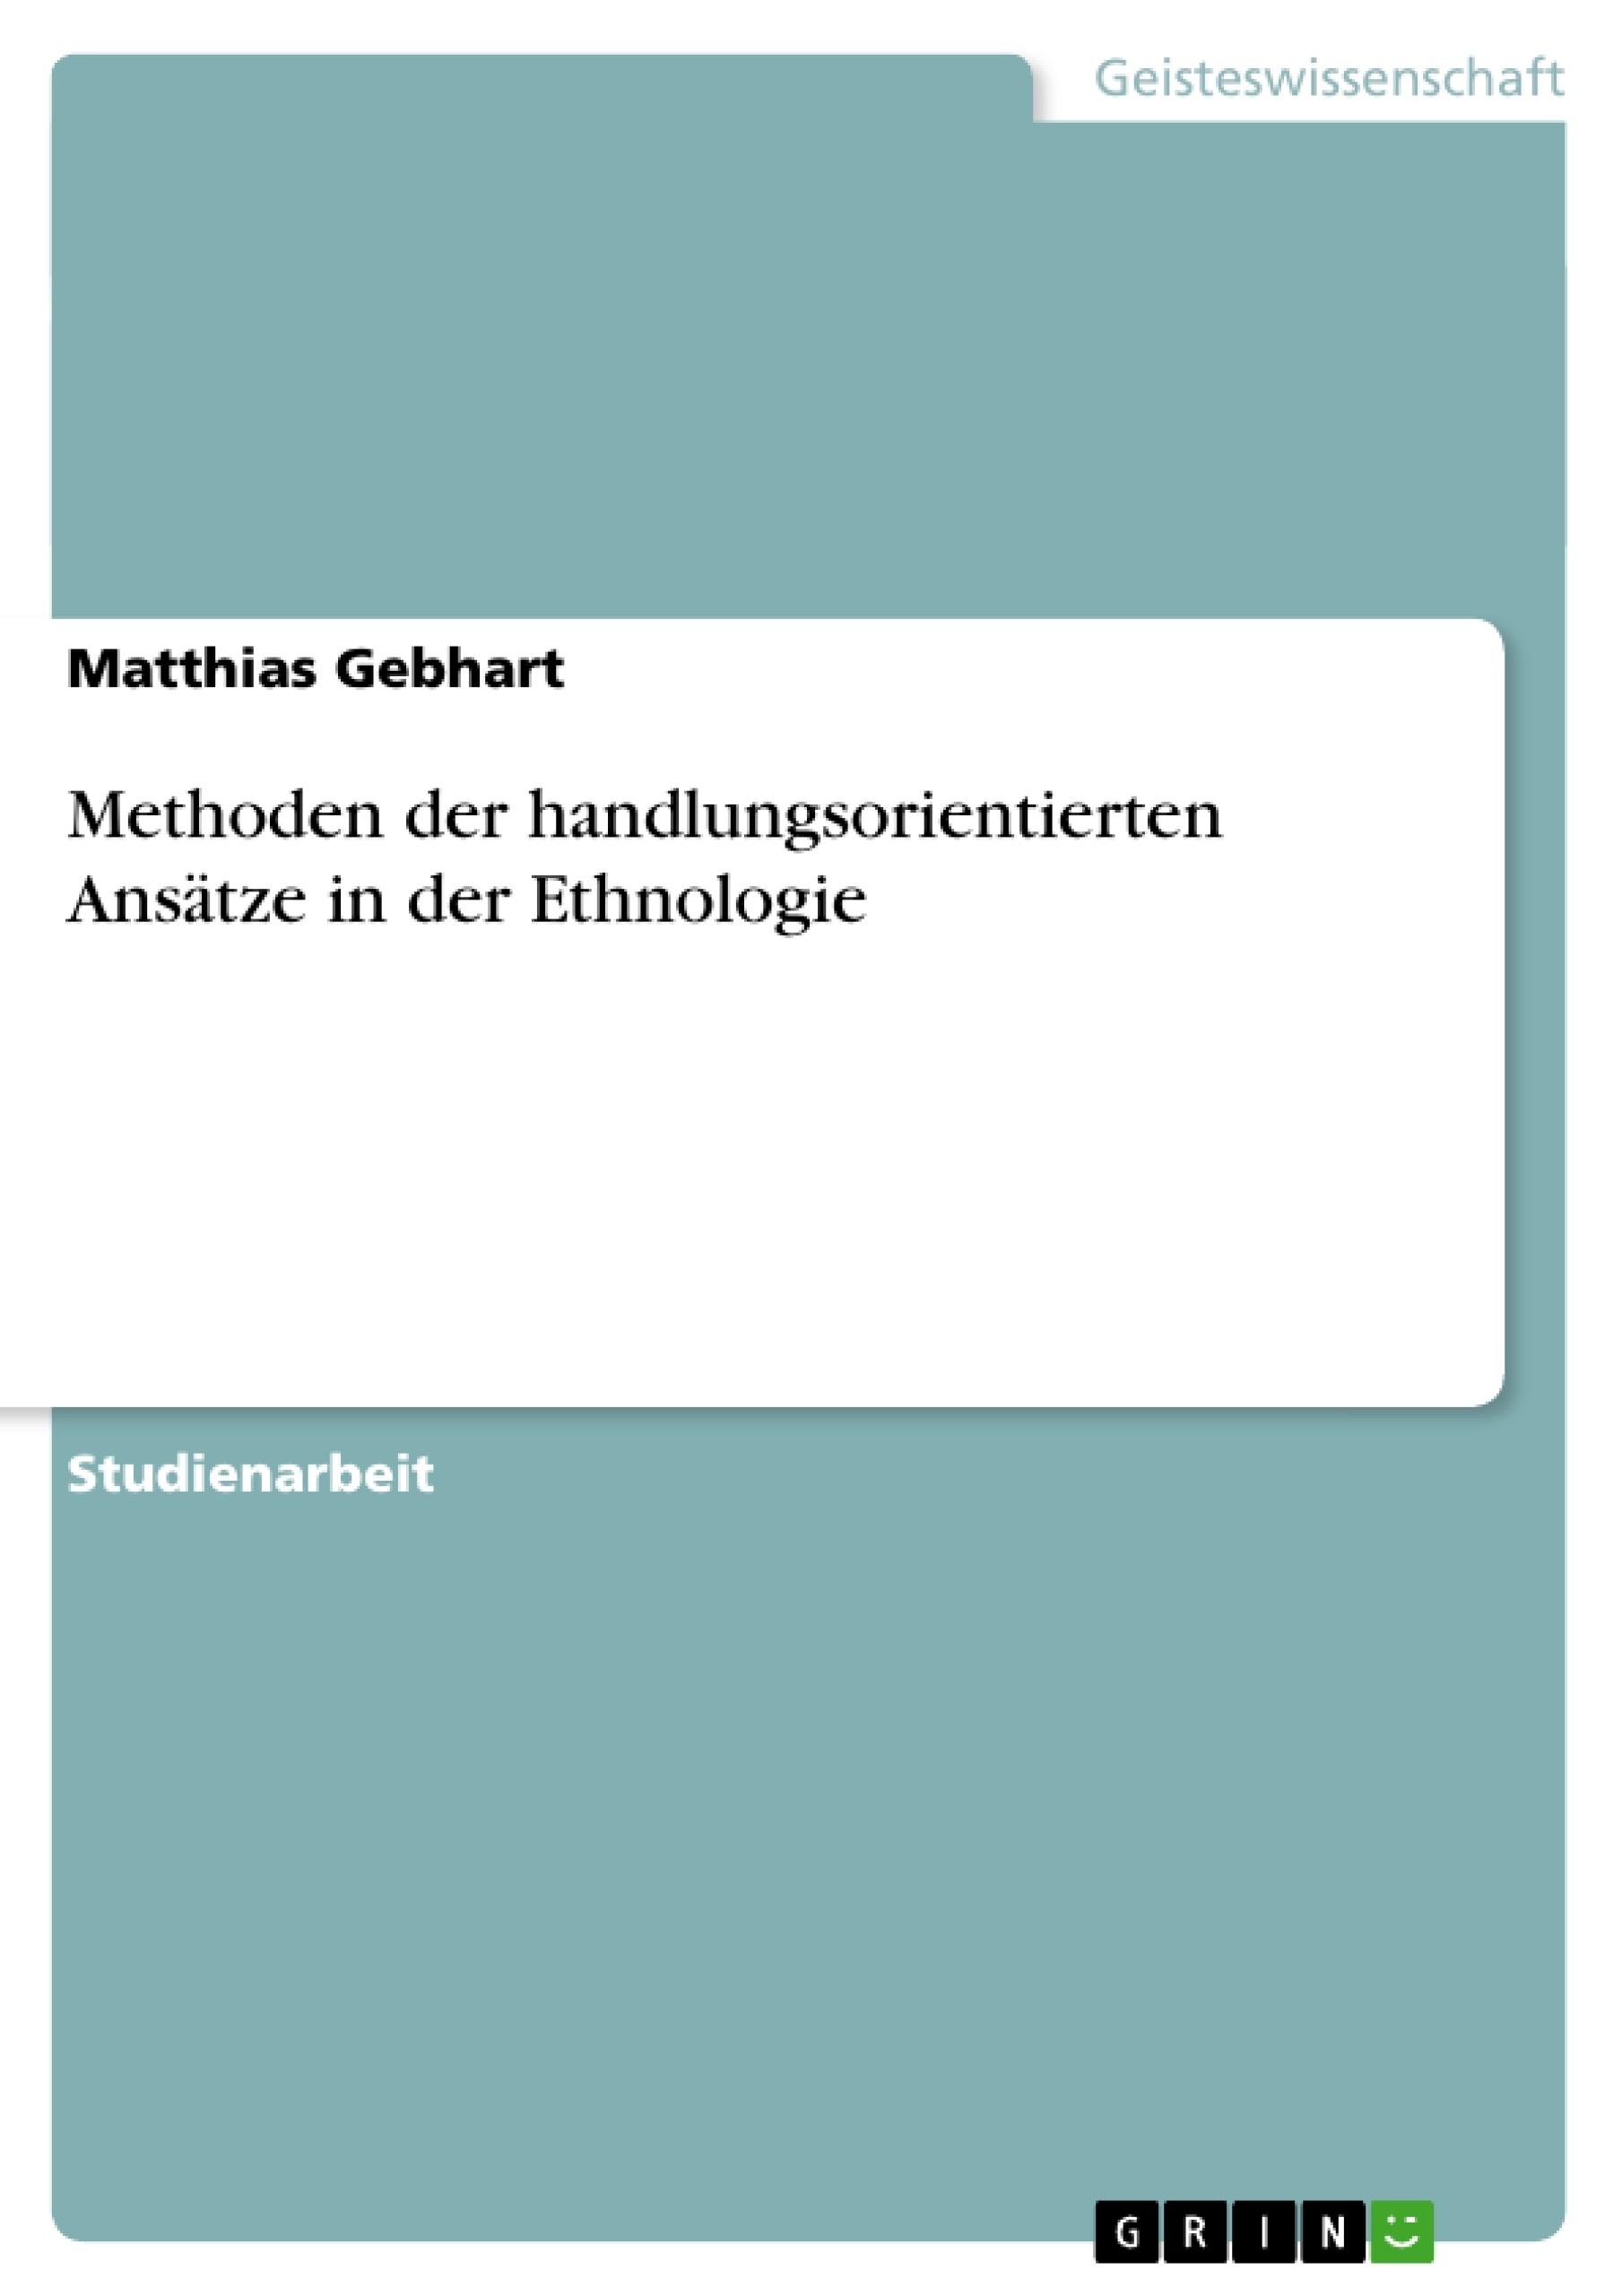 Titel: Methoden der handlungsorientierten Ansätze in der Ethnologie